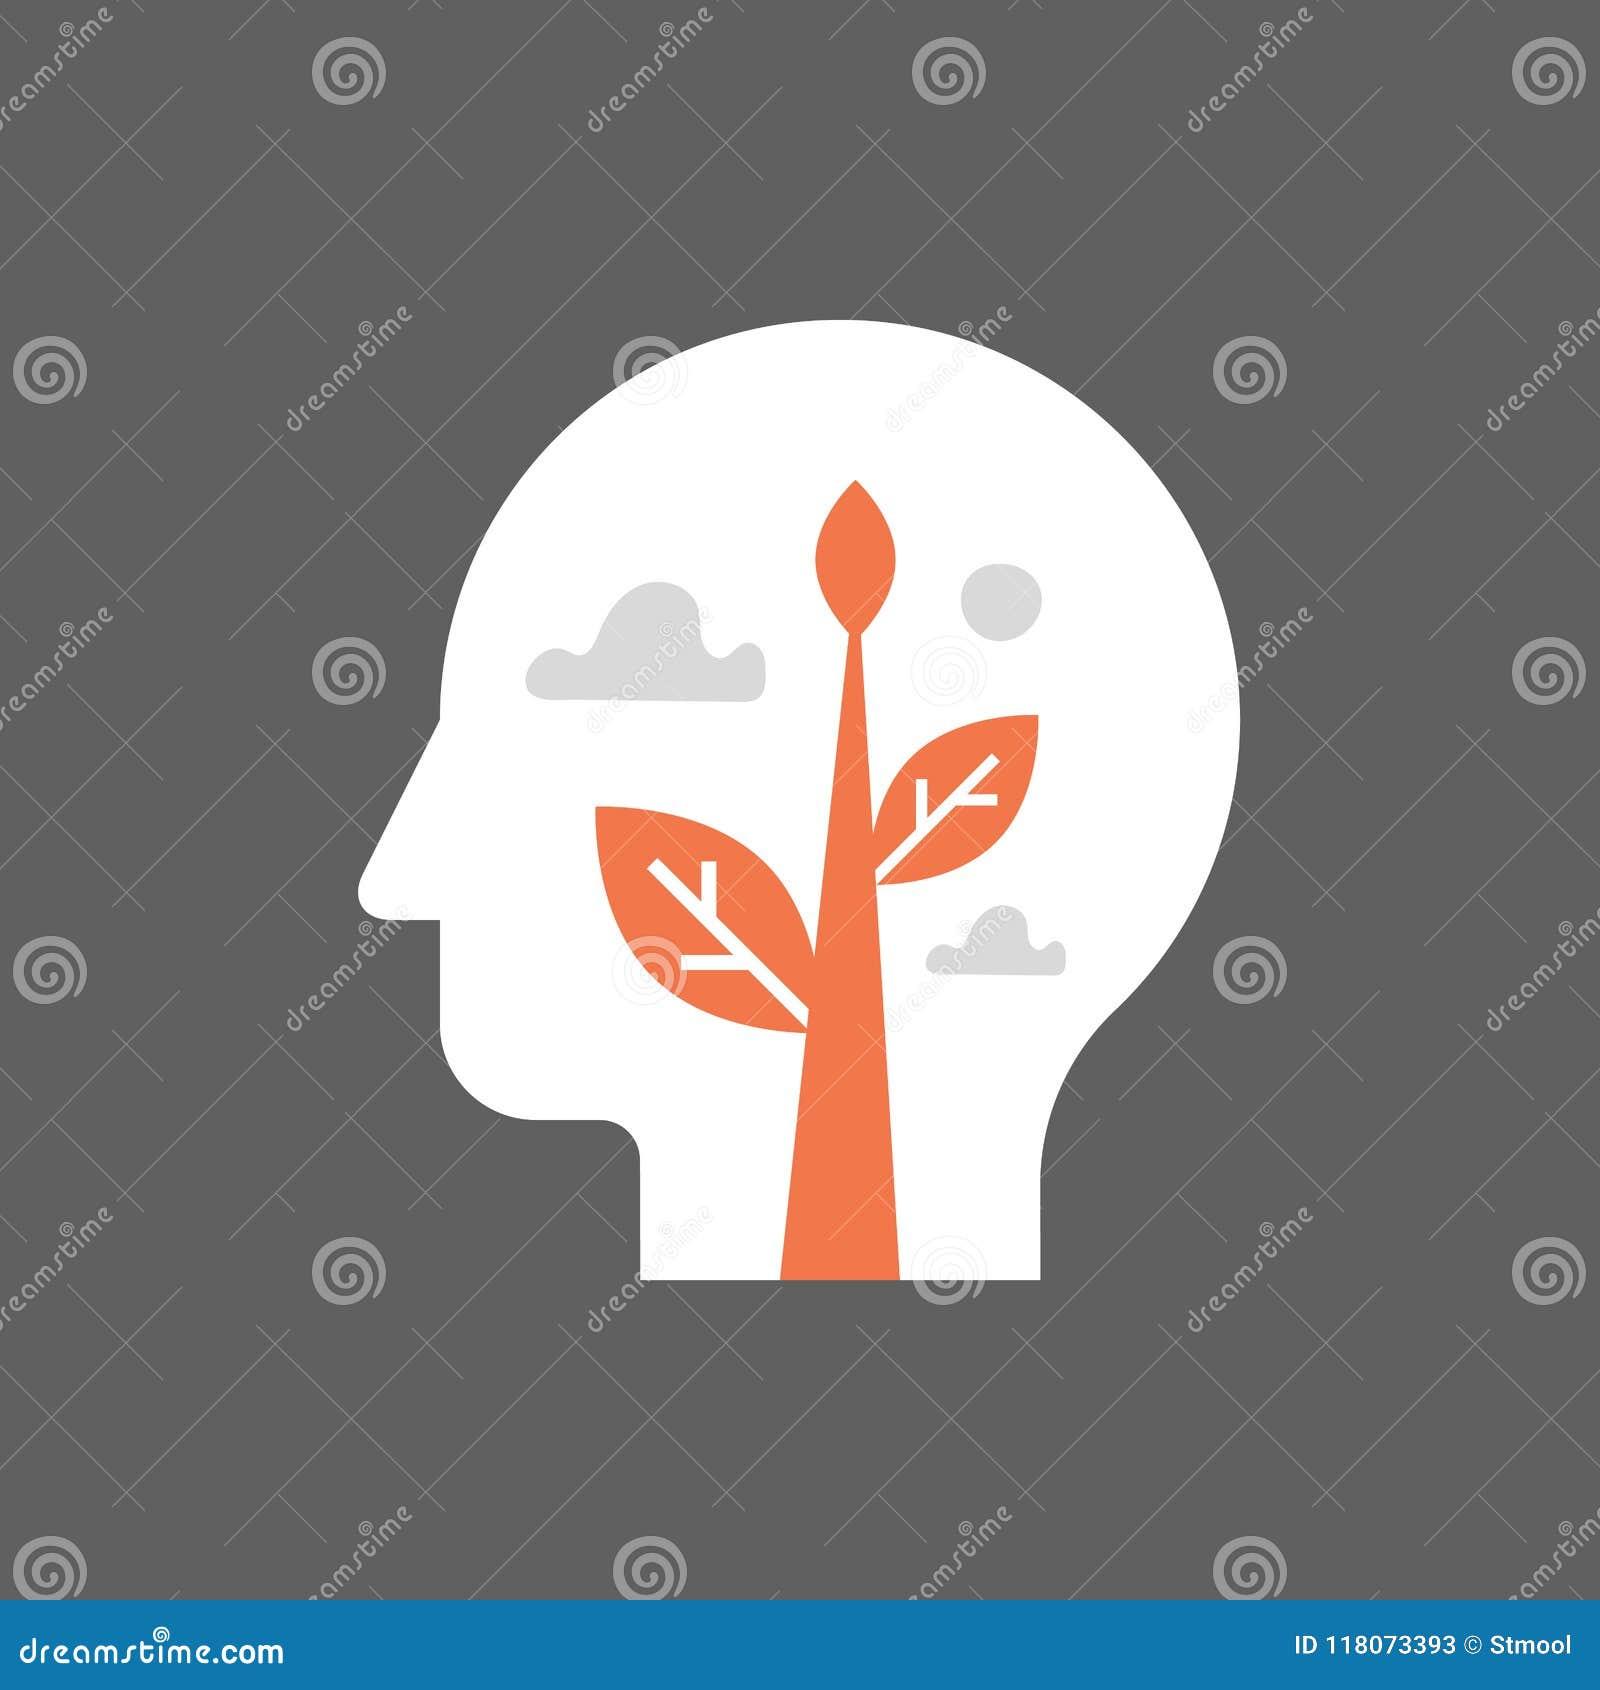 Pezzo interno, crescita di auto, sviluppo potenziale, salute mentale, mindset positivo, stile di vita conscio, pratica di meditaz